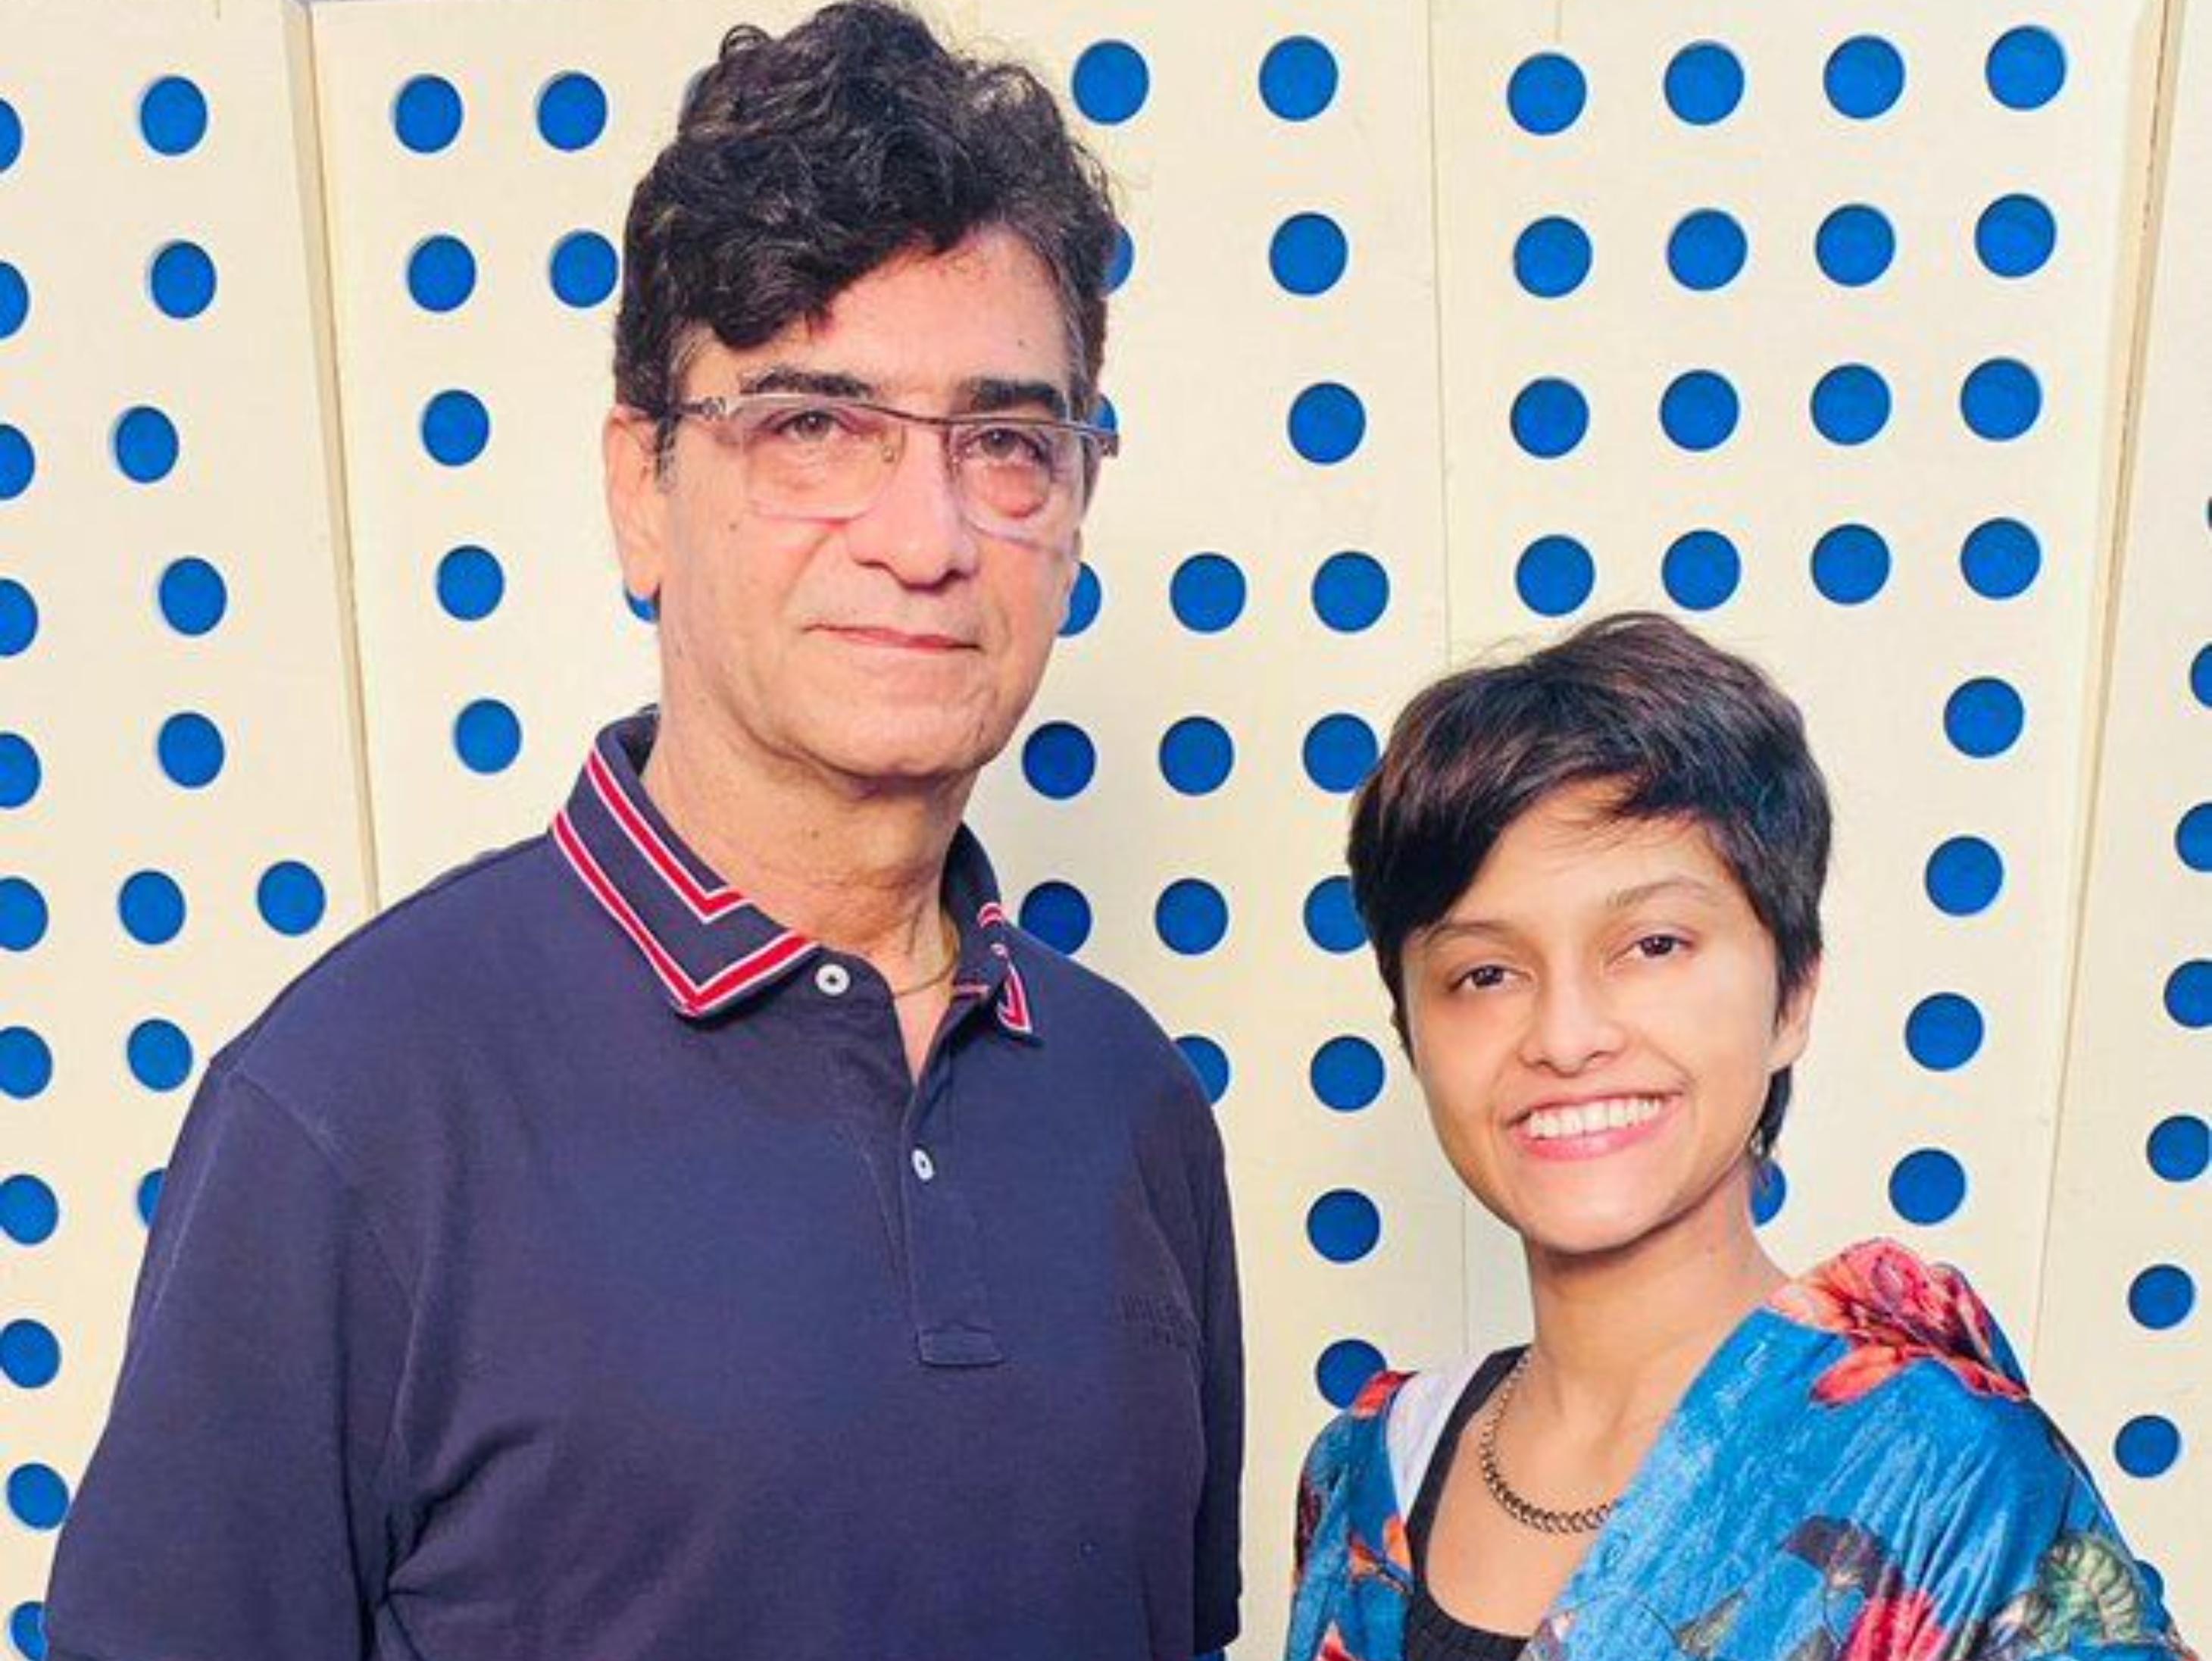 अजय देवगन की फिल्म में सुनाई देगा मनिके मगे हिथे का हिंदी वर्जन, श्रीलंकन सिंगर ही देंगी आवाज|बॉलीवुड,Bollywood - Dainik Bhaskar